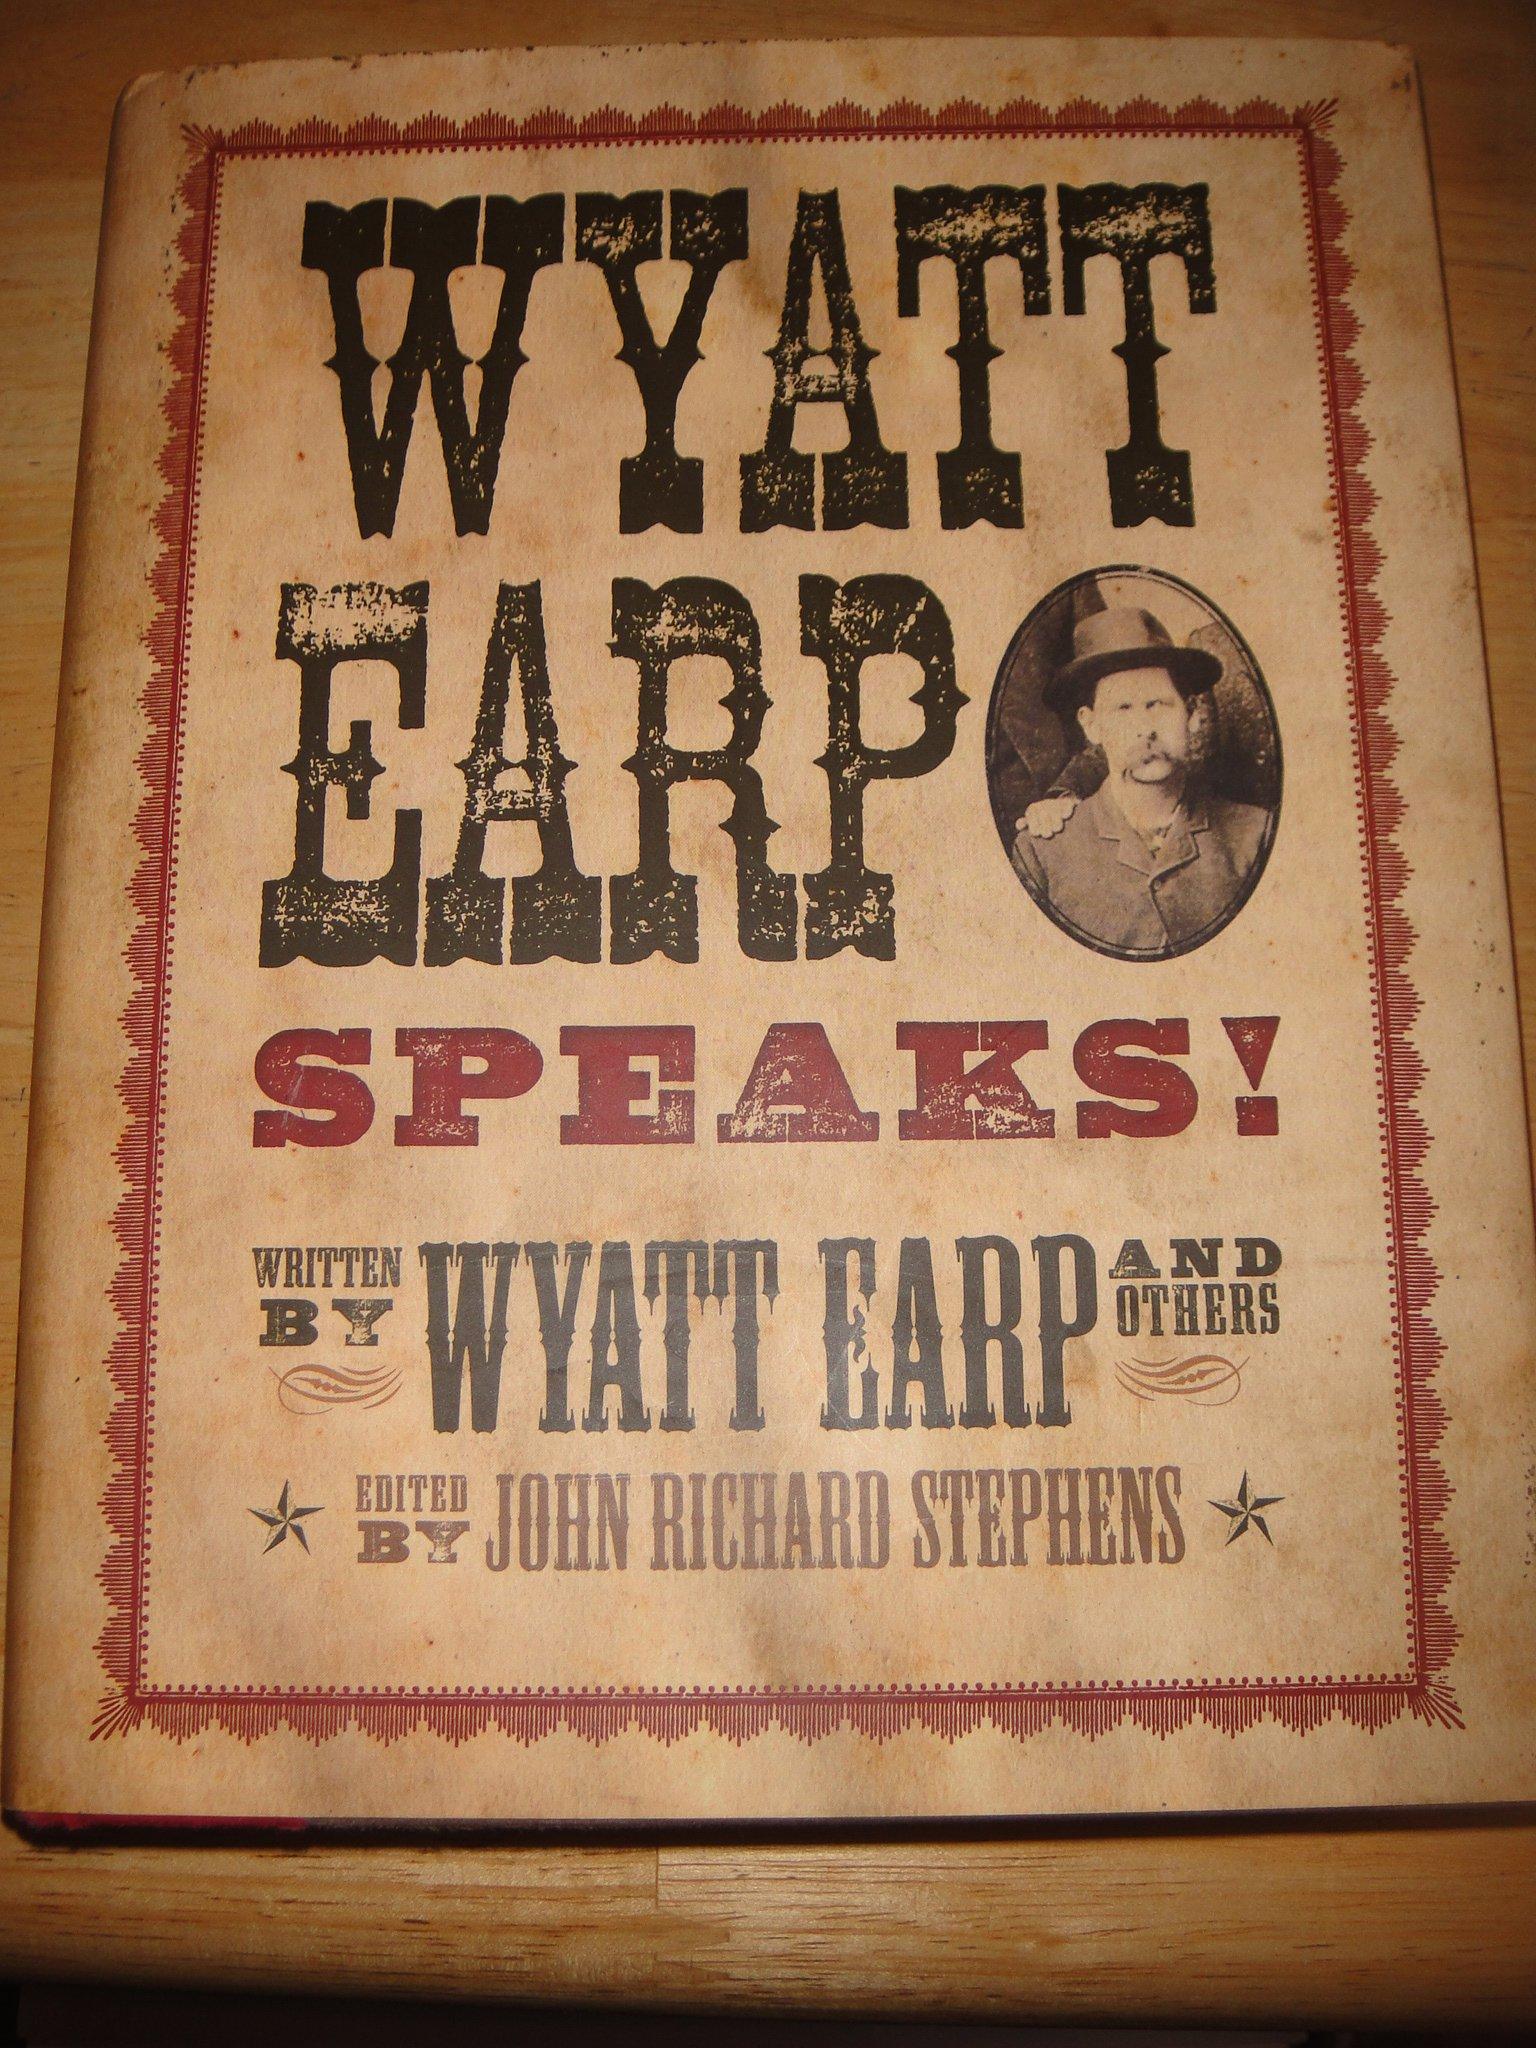 Wyatt Earp Speaks! 2nd Edition by Wyatt Earp [Hardcover] PDF